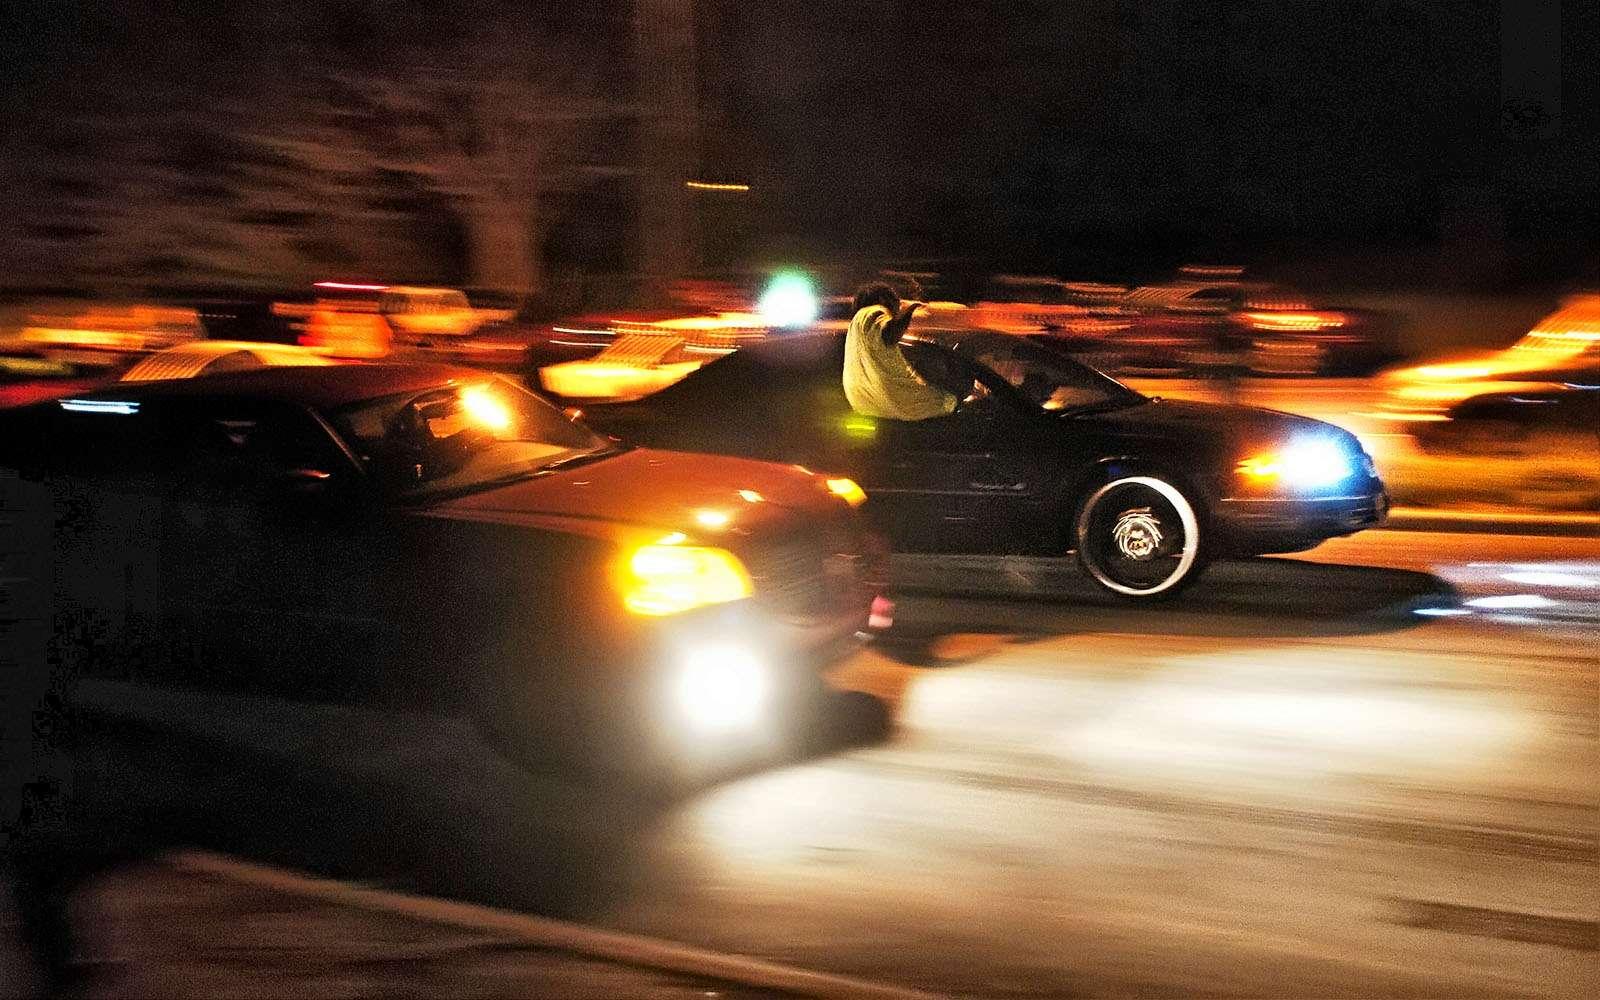 Нелегальный тюнинг автомобилей: снимите это немедленно!— фото 597089